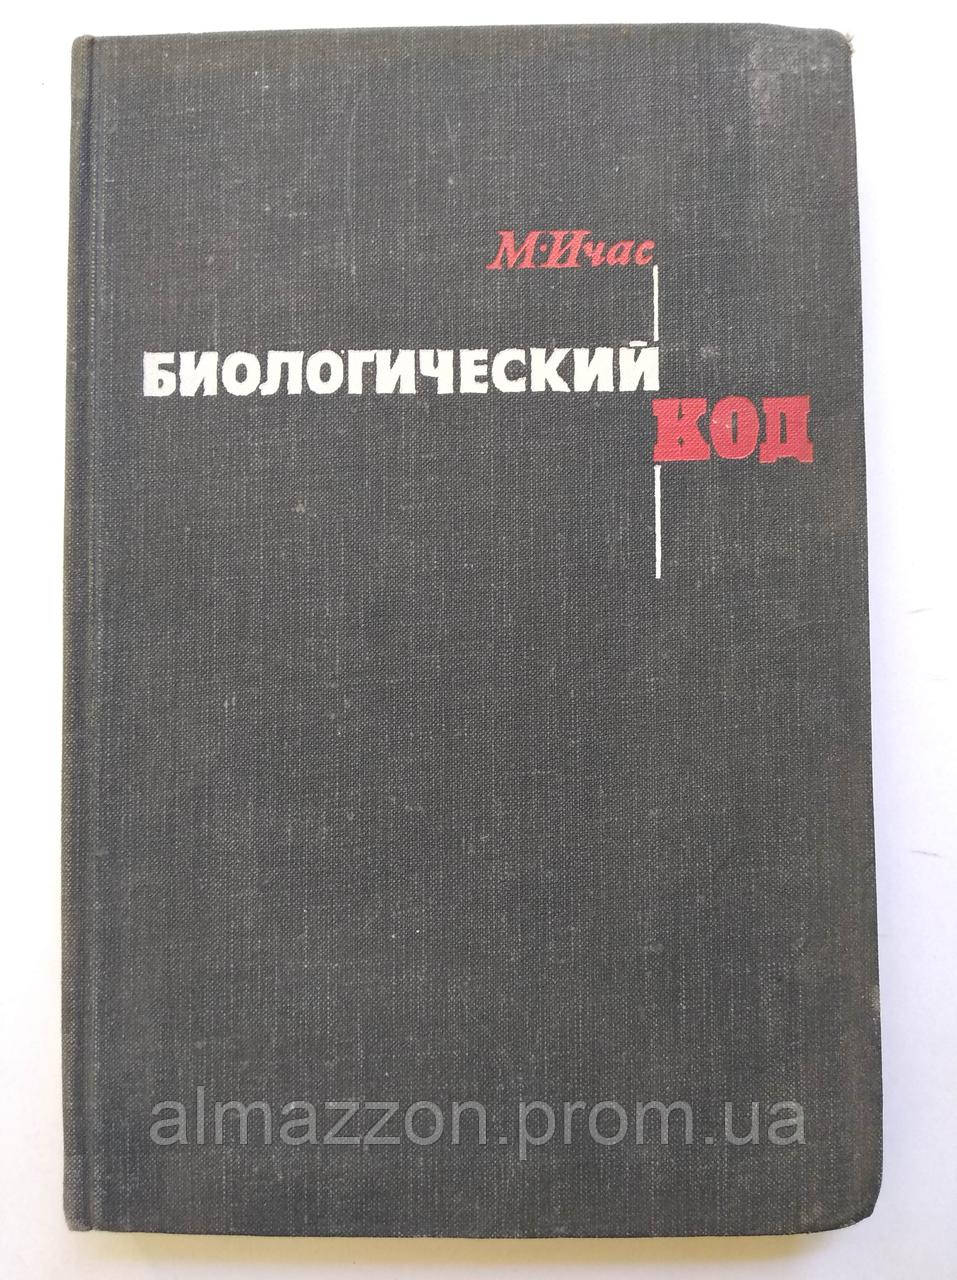 М.Ичас Биологический код